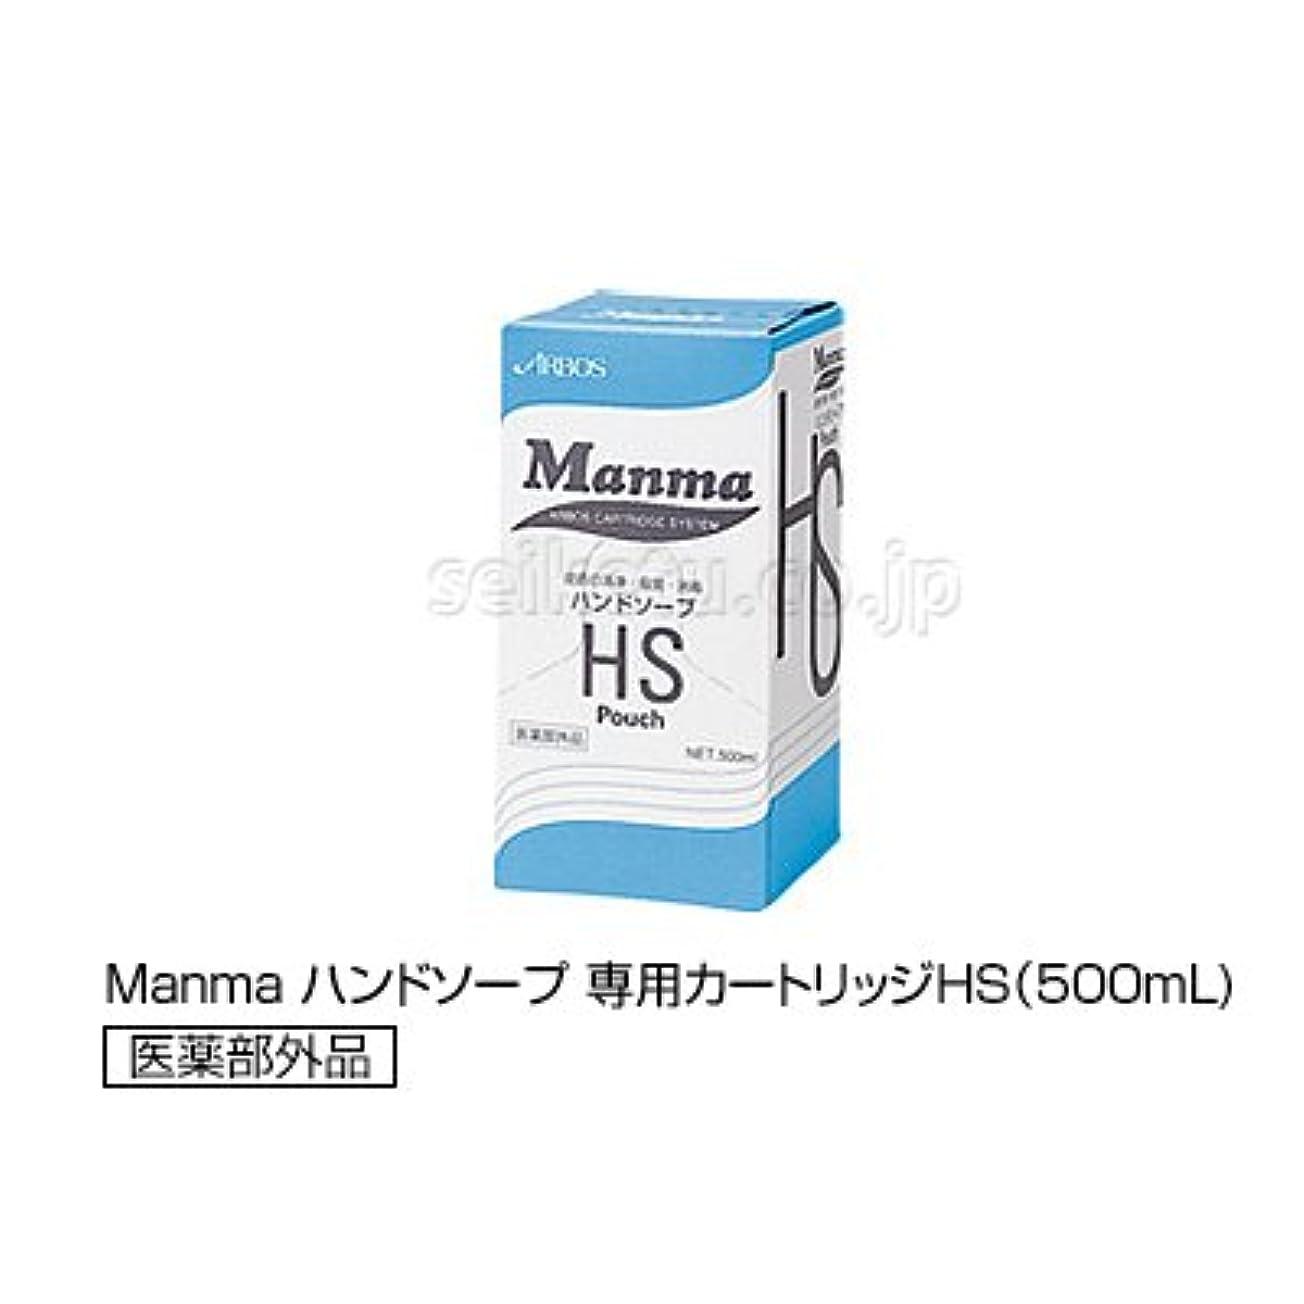 前部誰も偽装するManma ハンドソープ 専用カートリッジ/専用カートリッジHS(500mL)【清潔キレイ館】